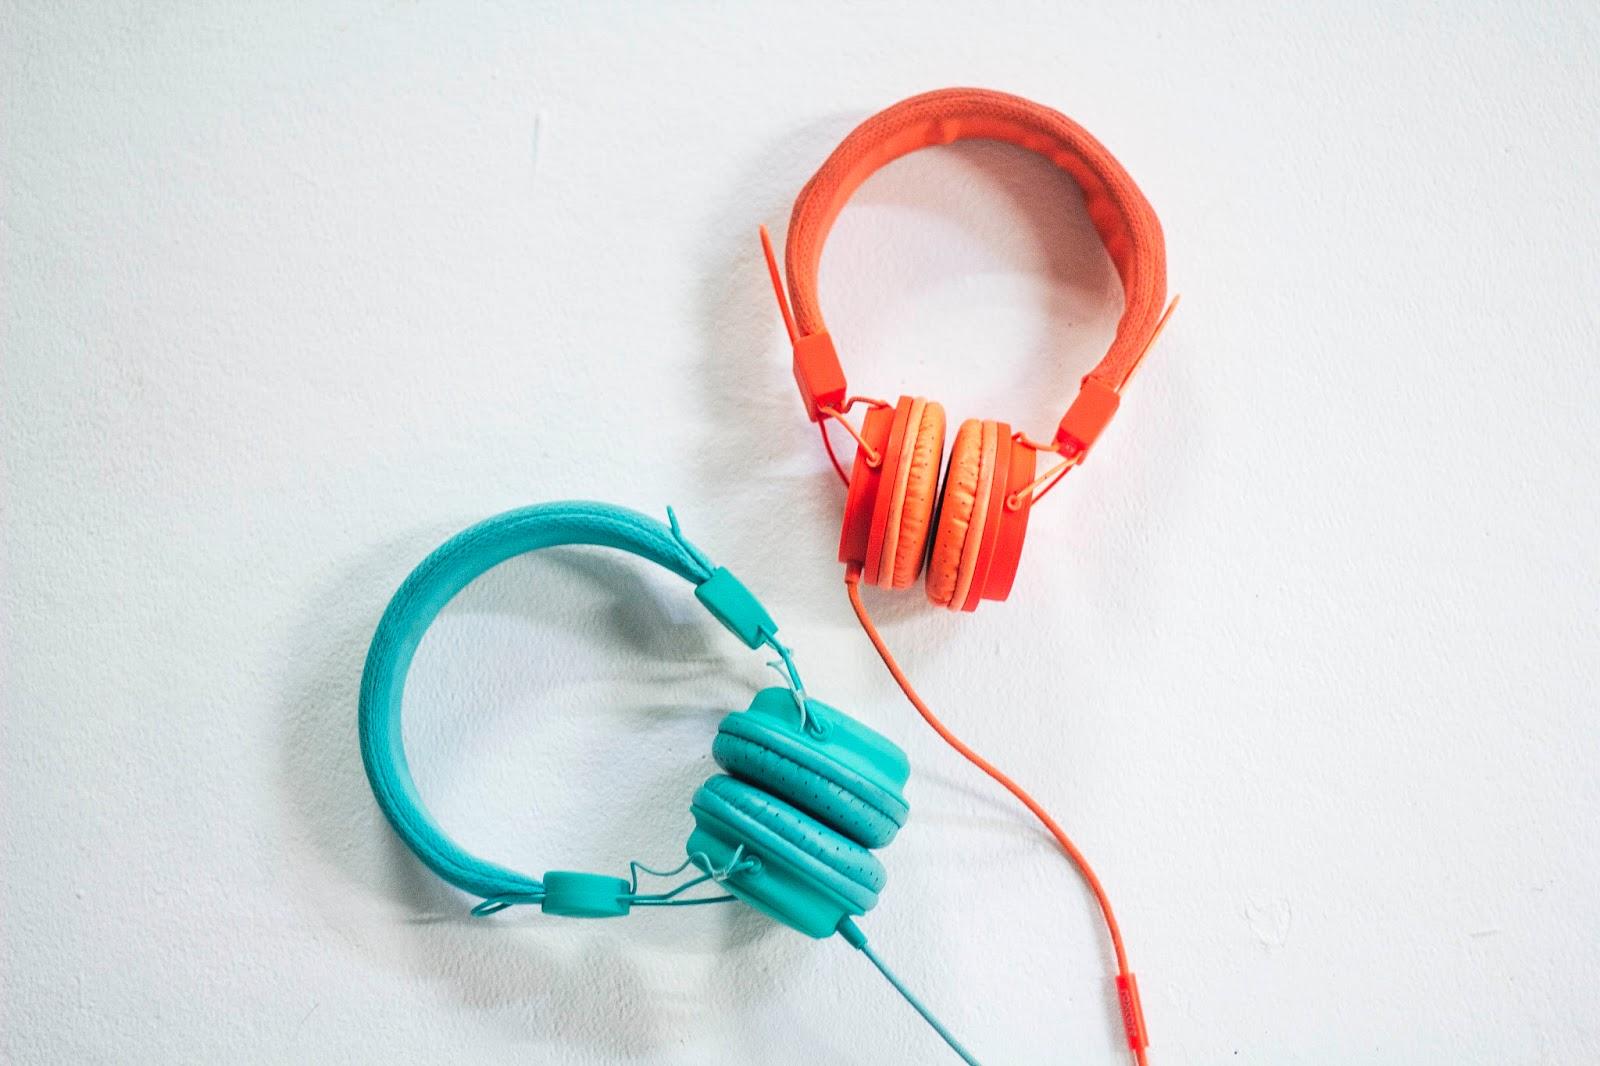 och till det ser man mig oftast iförd färgglada hörlurar 70ccef86c575c